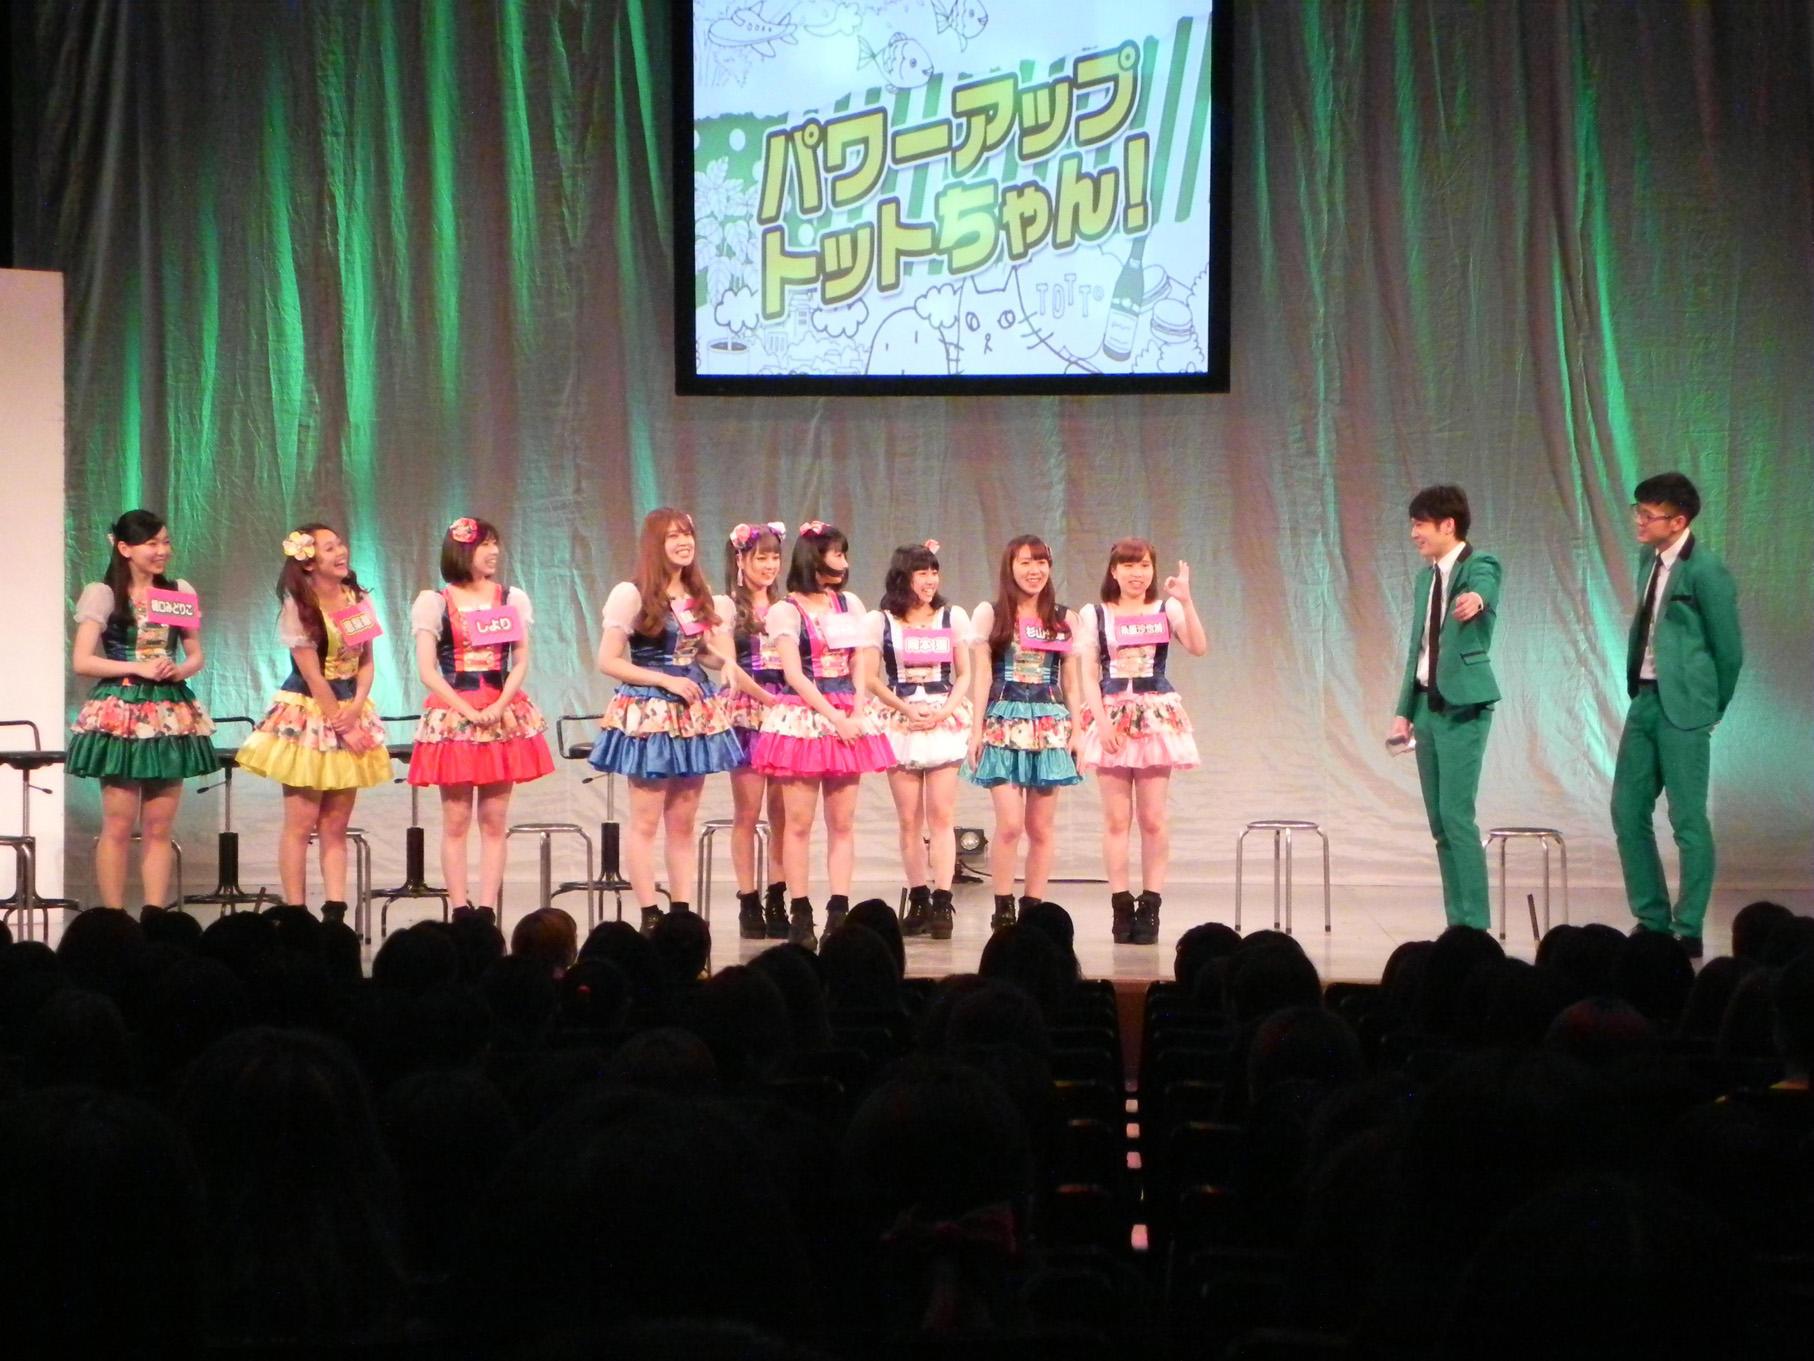 http://news.yoshimoto.co.jp/20170505192330-27a6e0dfcff1349c64f9b16169d72178bcb43092.jpg